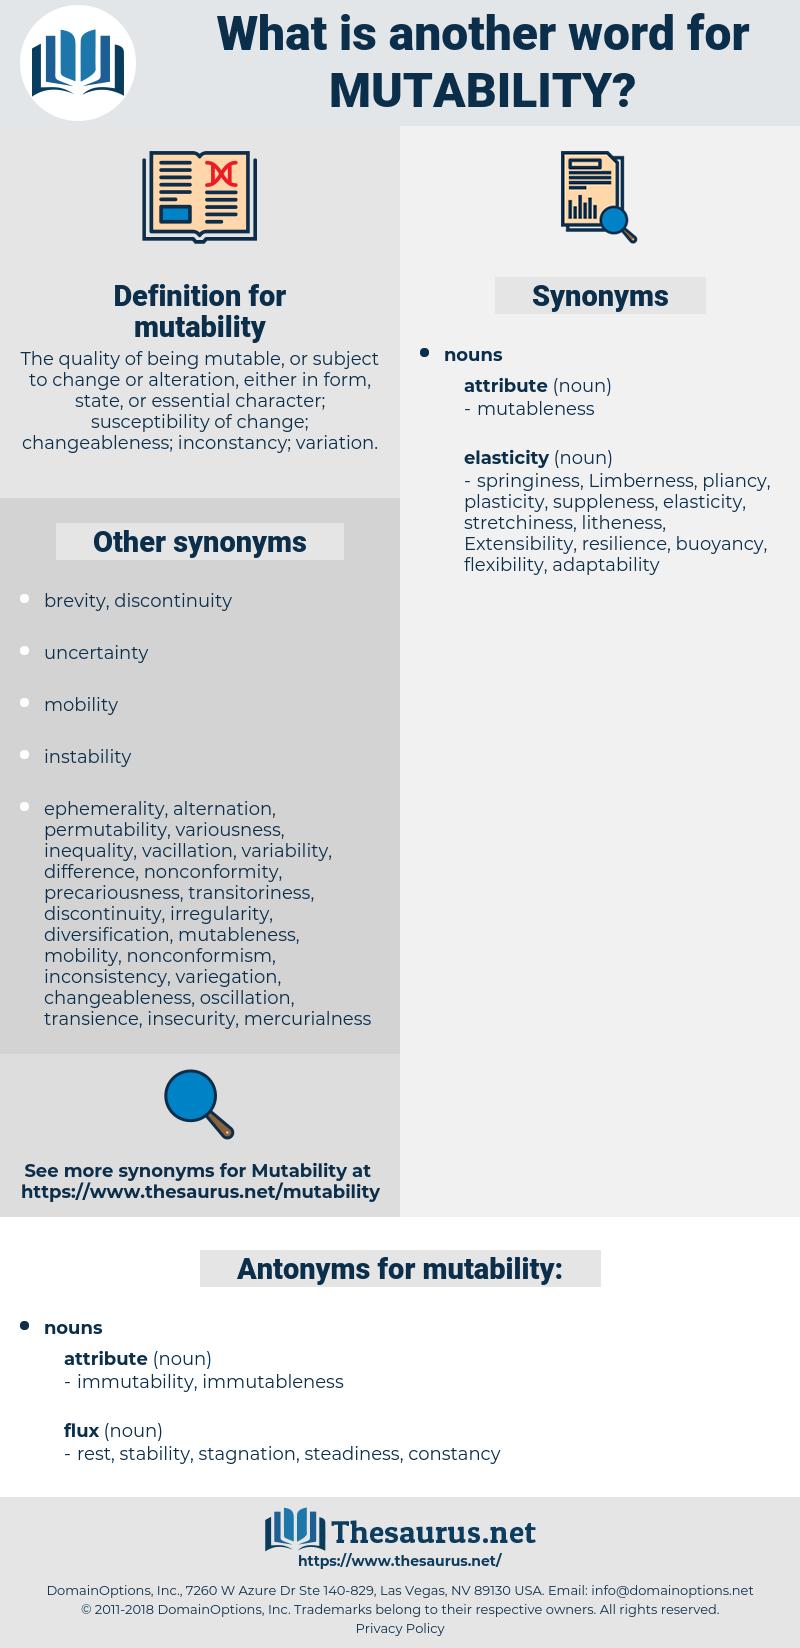 mutability, synonym mutability, another word for mutability, words like mutability, thesaurus mutability